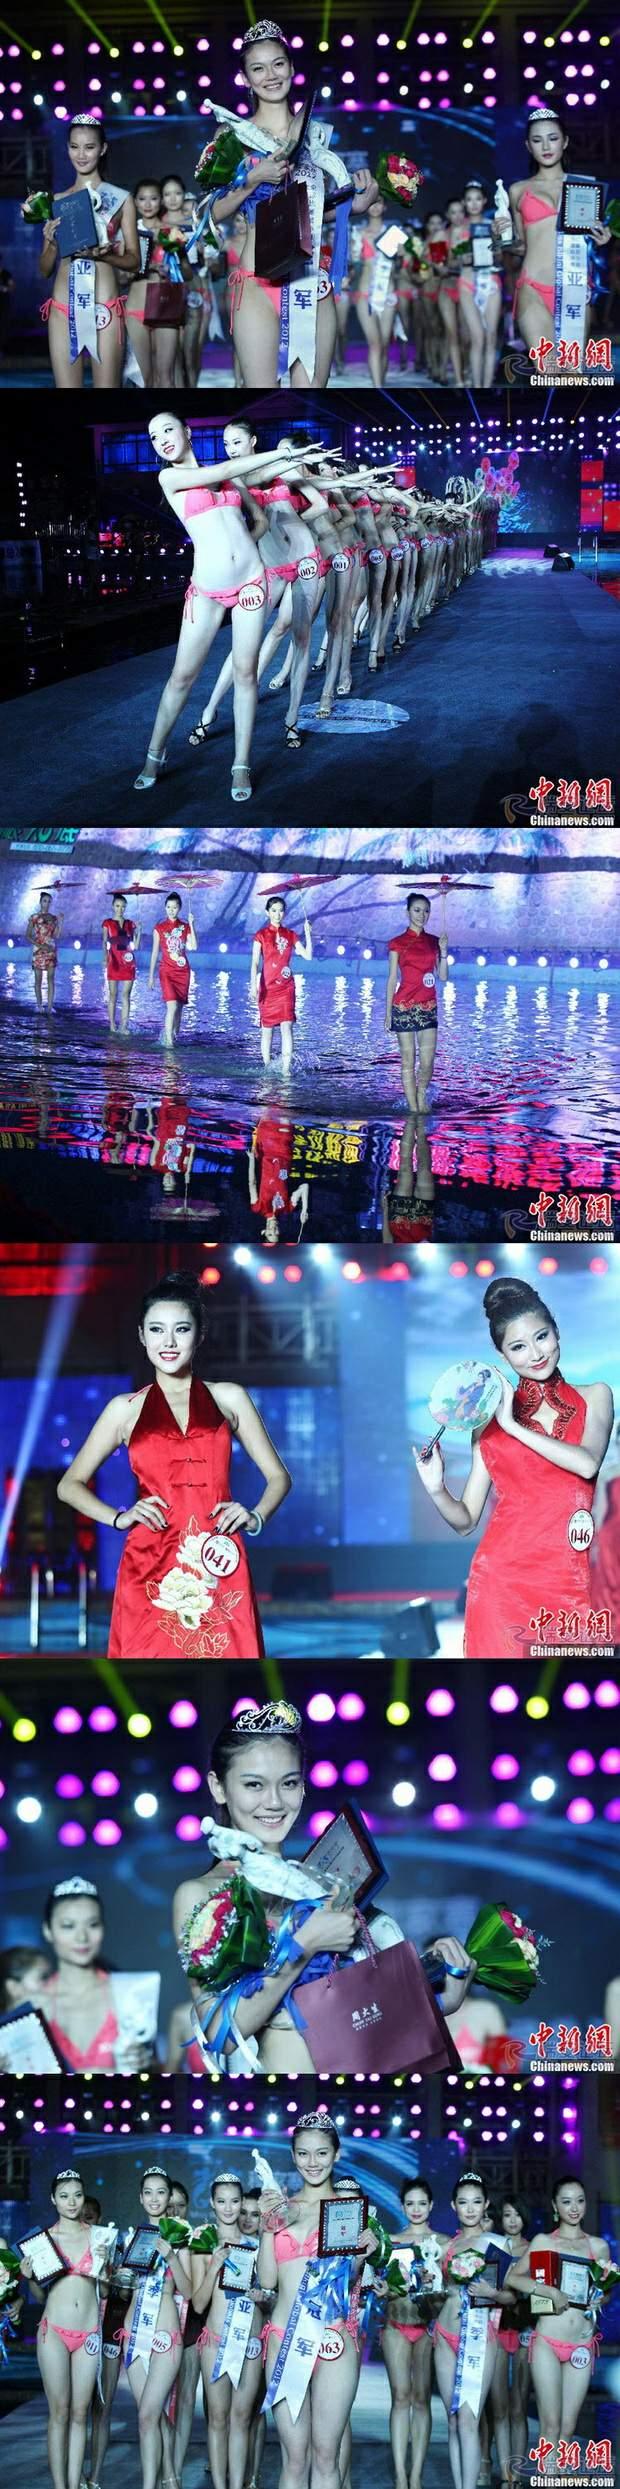 2012全球比基尼小姐中國區決賽-2012.08.12